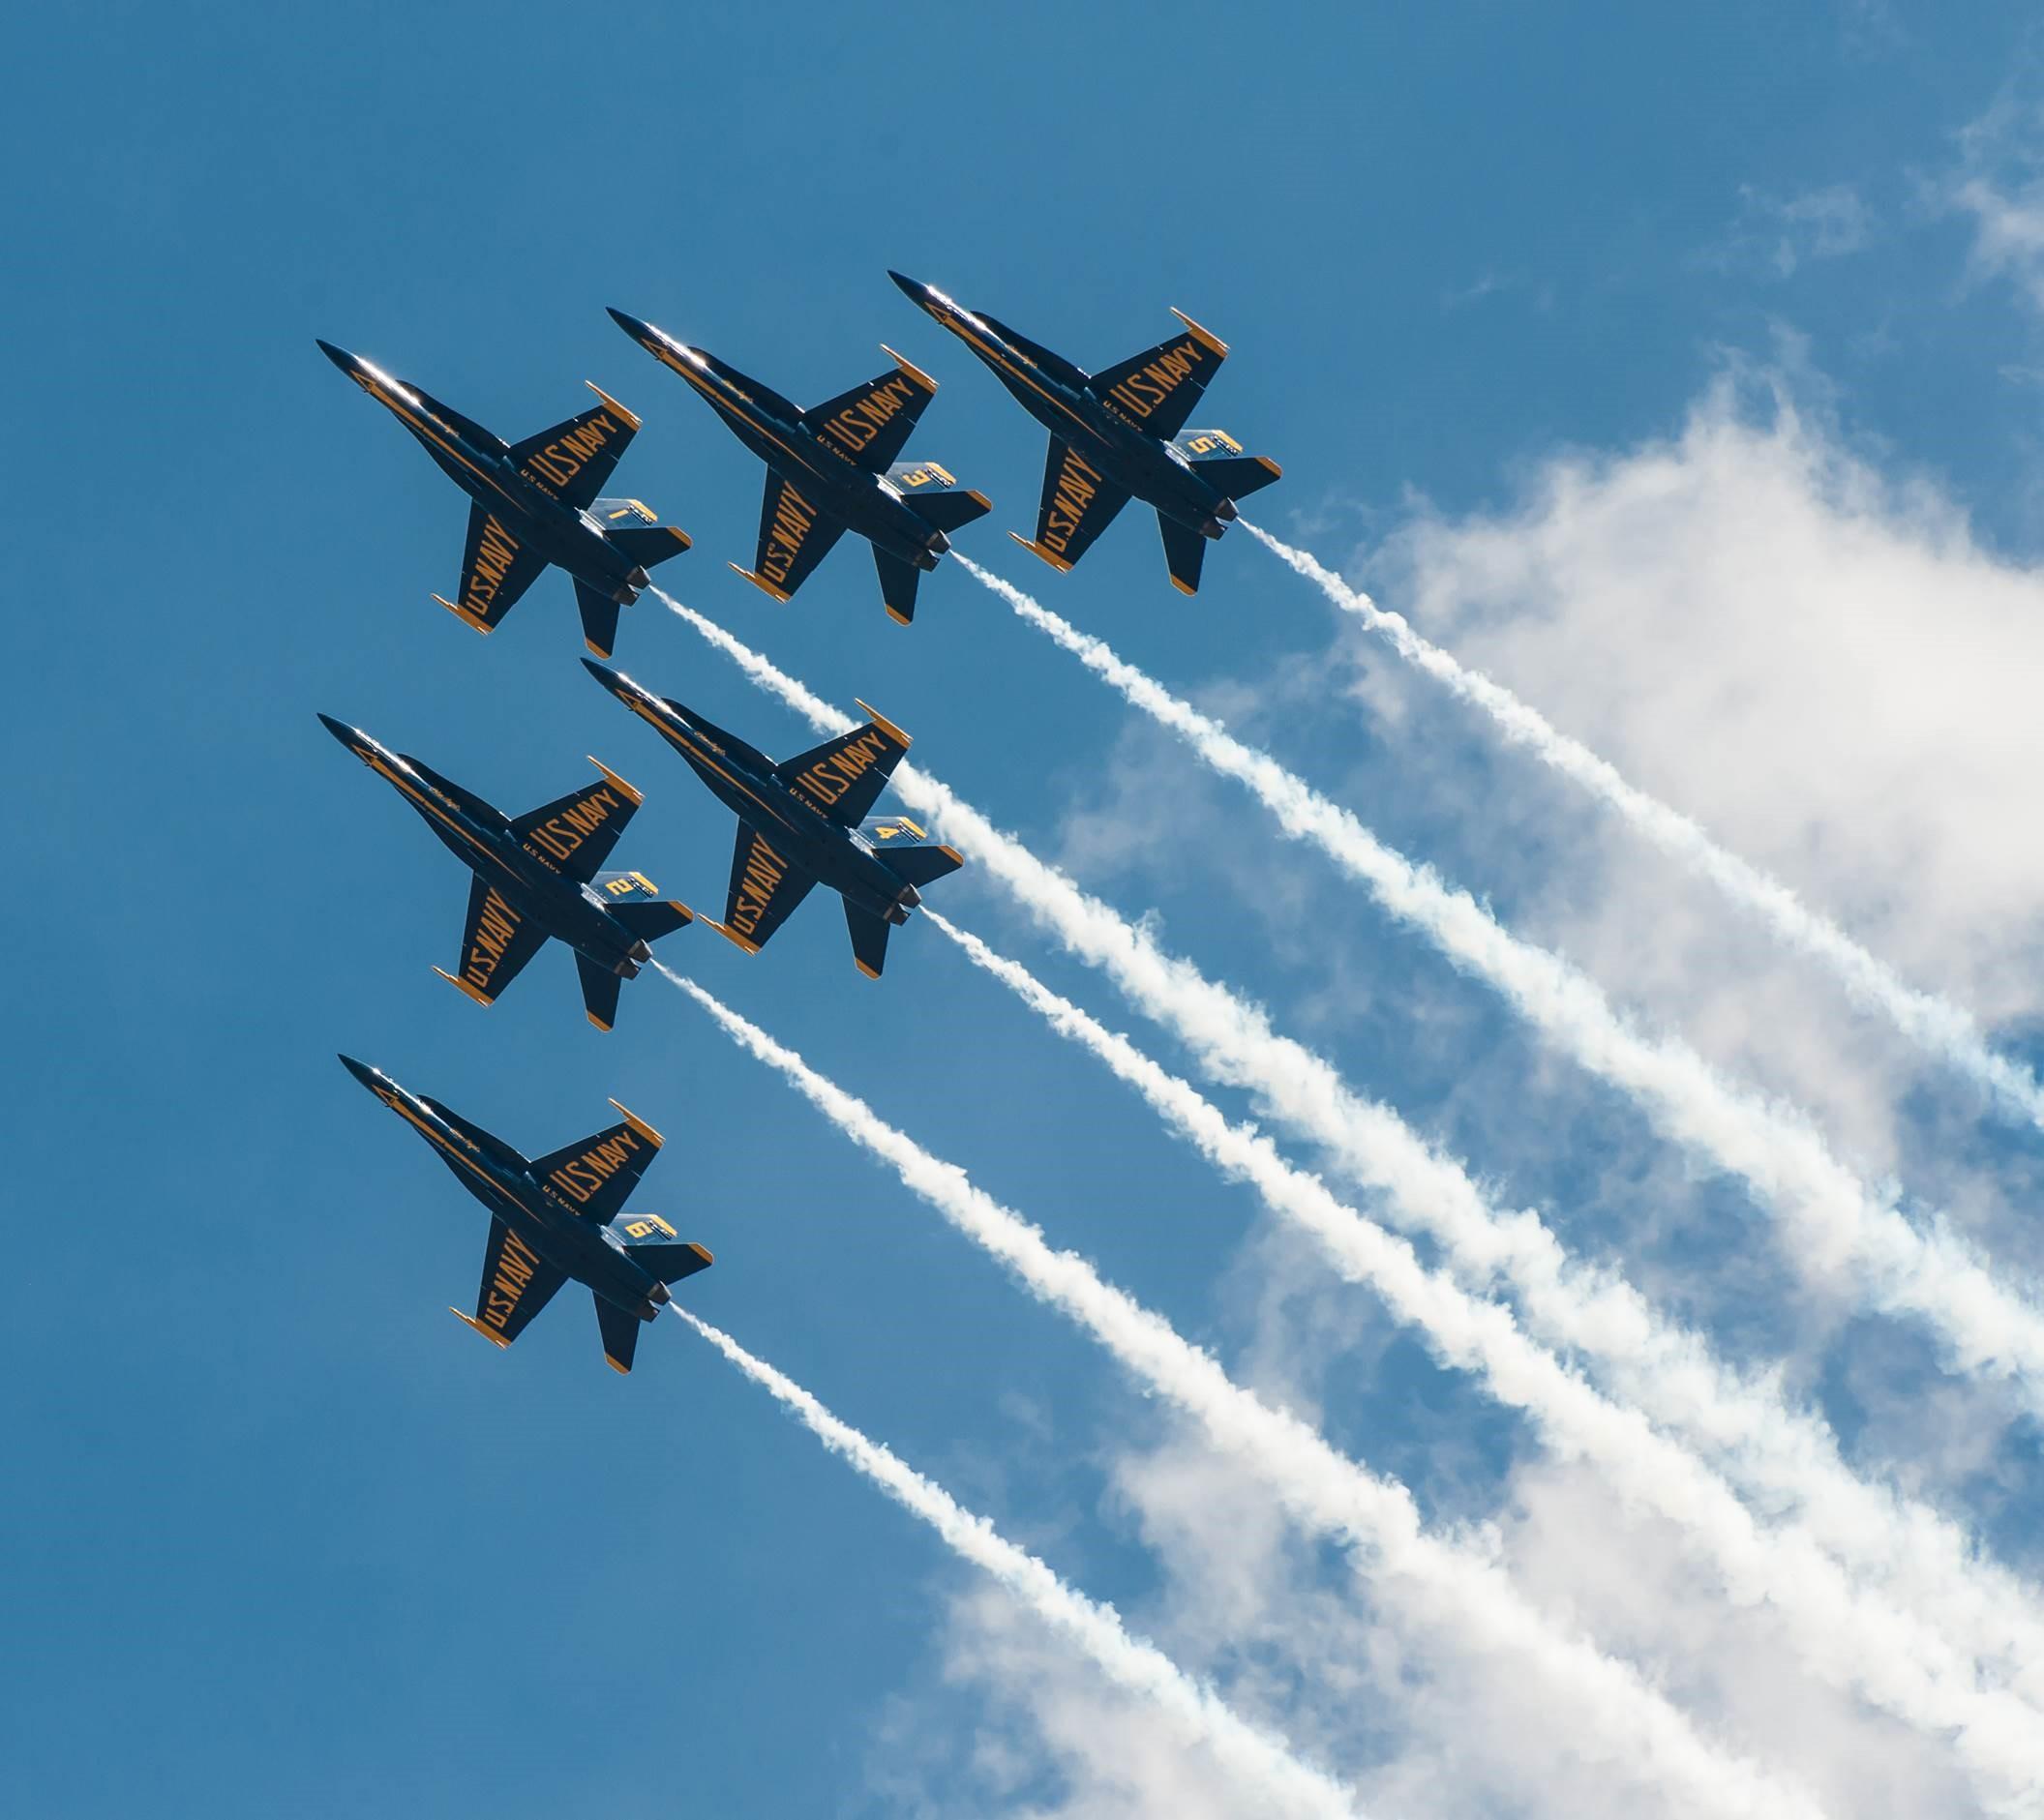 Airshow - Copy.jpg